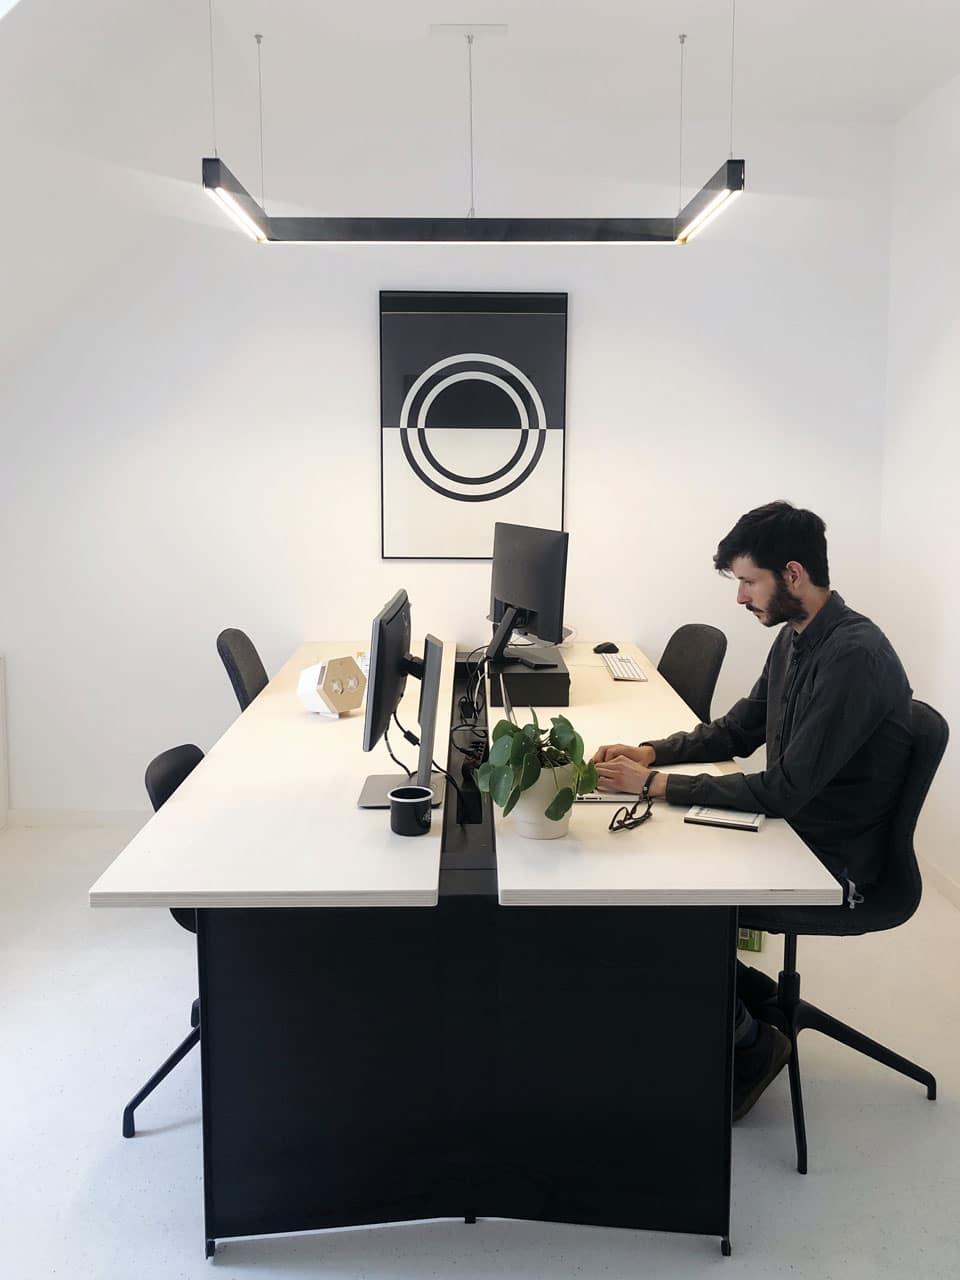 Bureau avec diffuseur